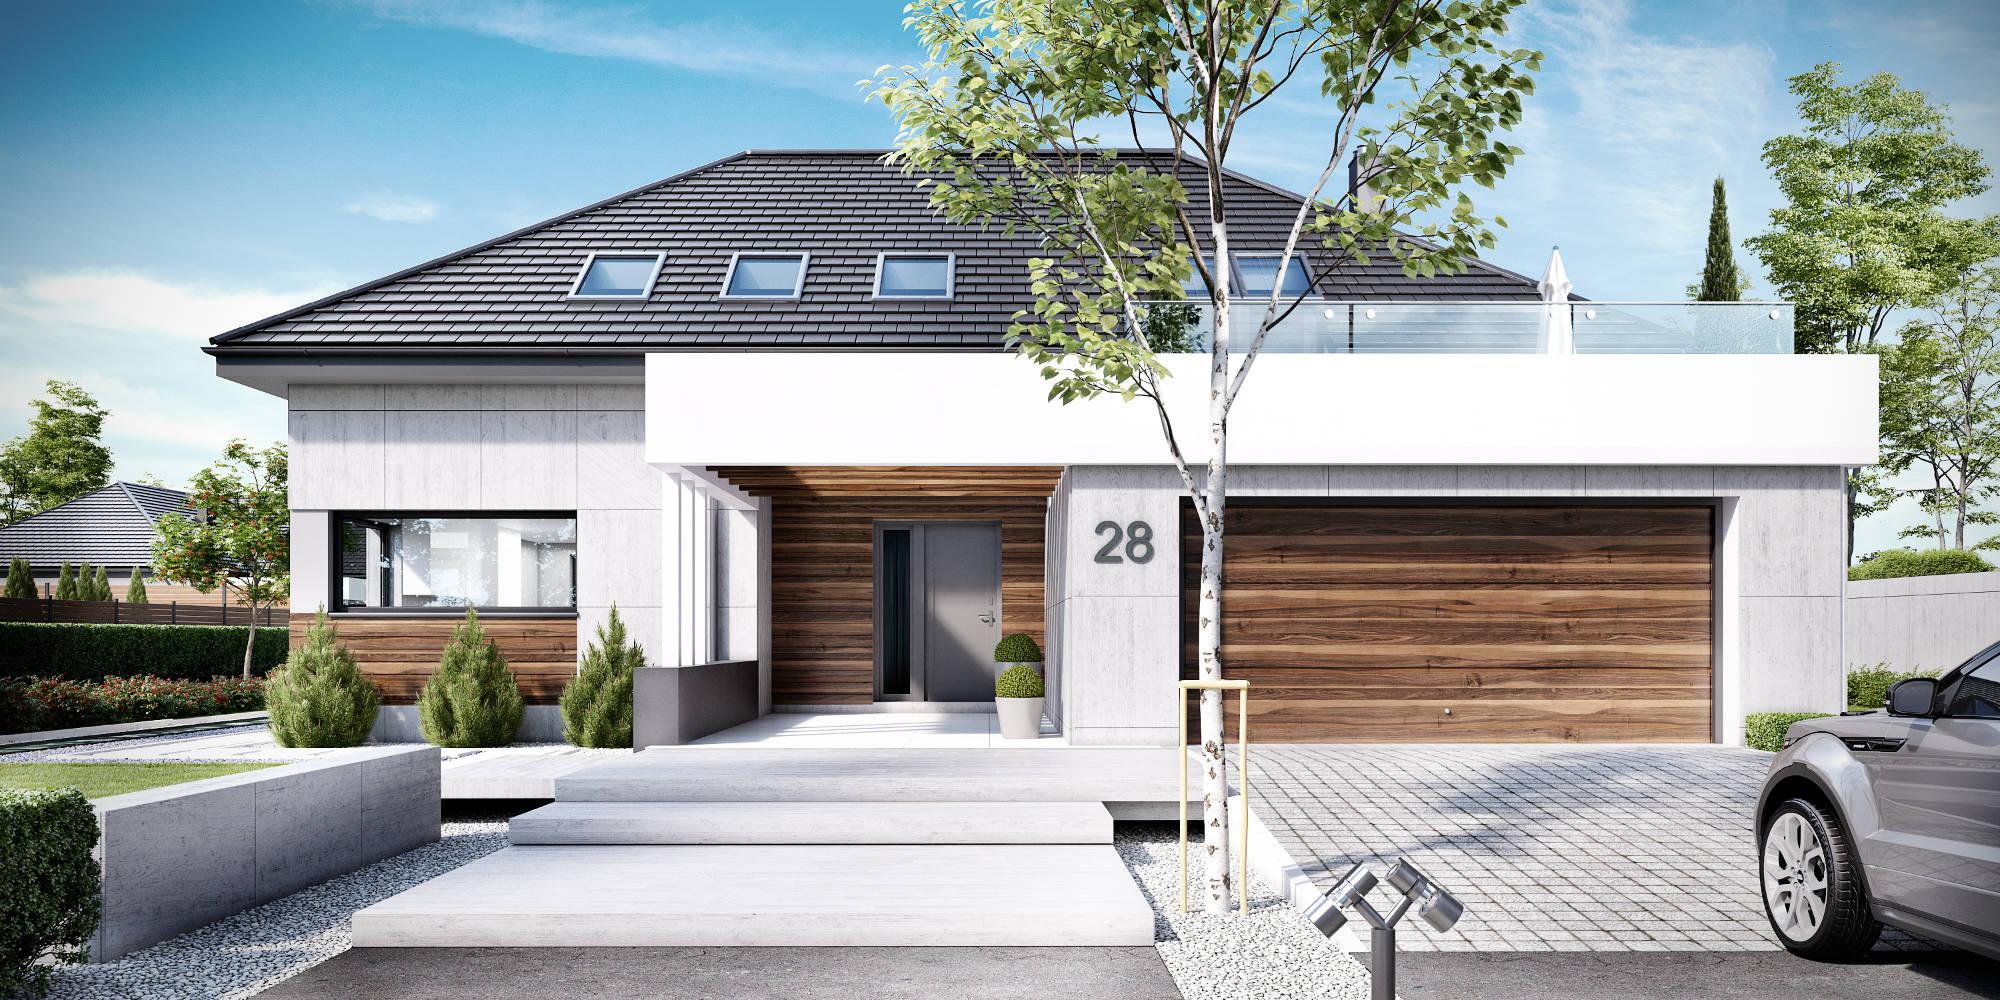 firma budowlana z polski w niemczech budowa domow. Black Bedroom Furniture Sets. Home Design Ideas